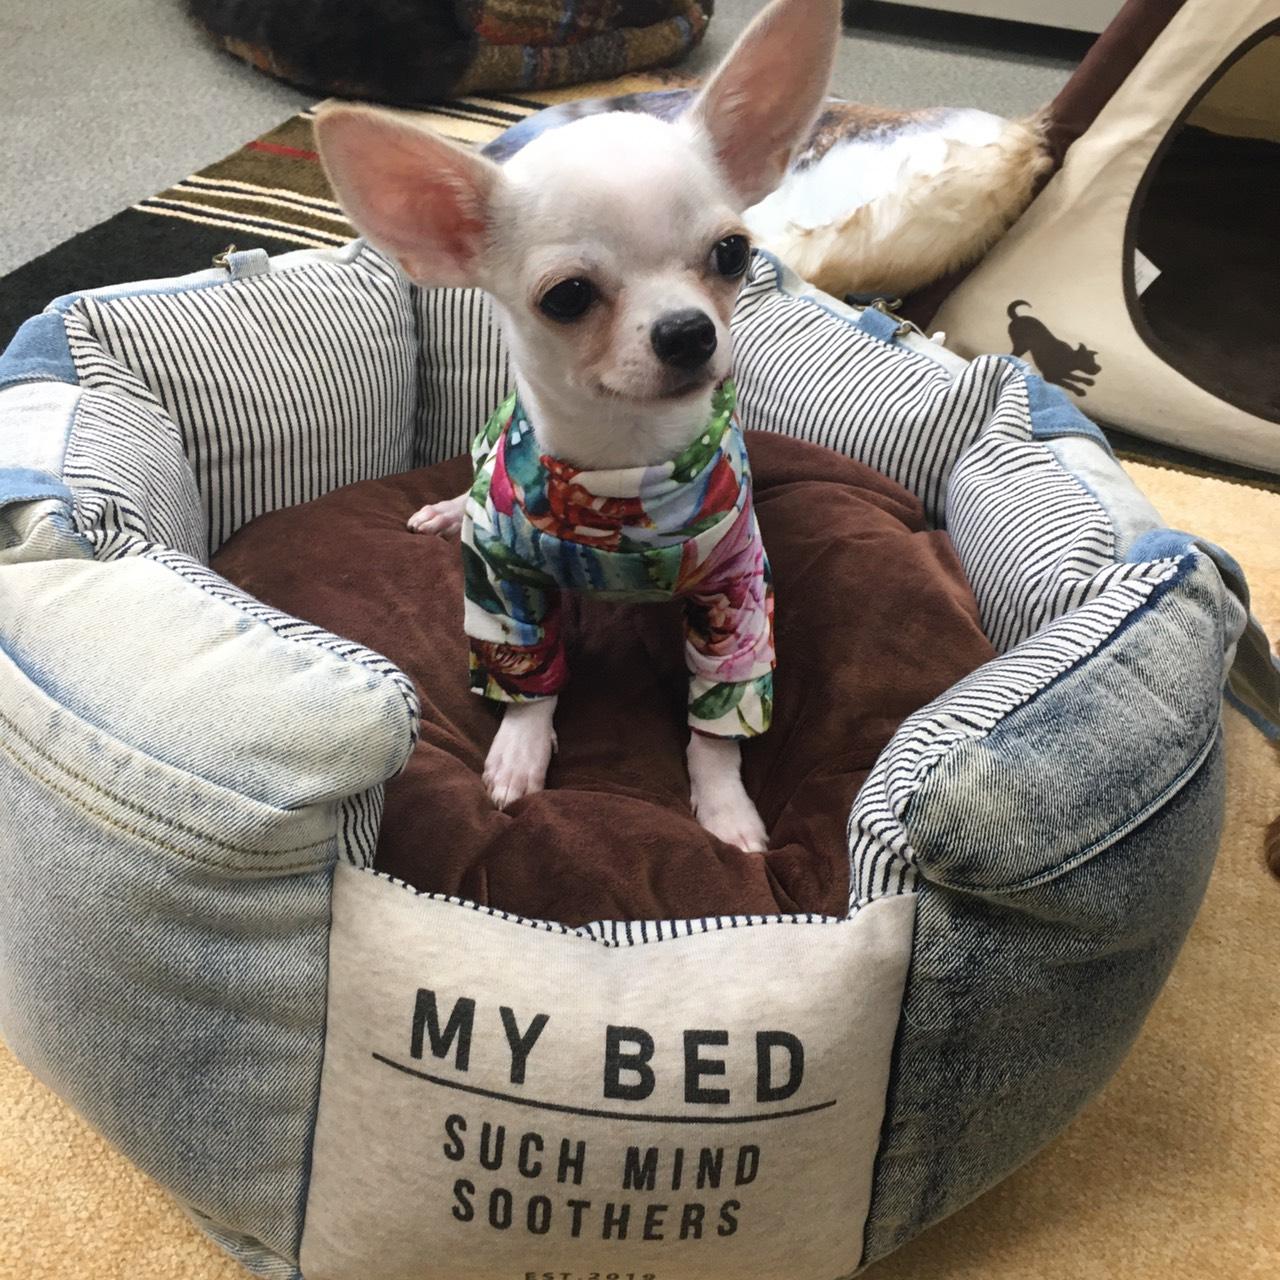 おうちベッドでそのままドライブ Solgra (ソルグラ)デニムドライブベッド ウォッシュ加工生地のため商品ごとの色に違いがあります。 犬 小型犬 超小型犬 ベッド おしゃれデニム ドライビングクッション フードサンプルプレゼント